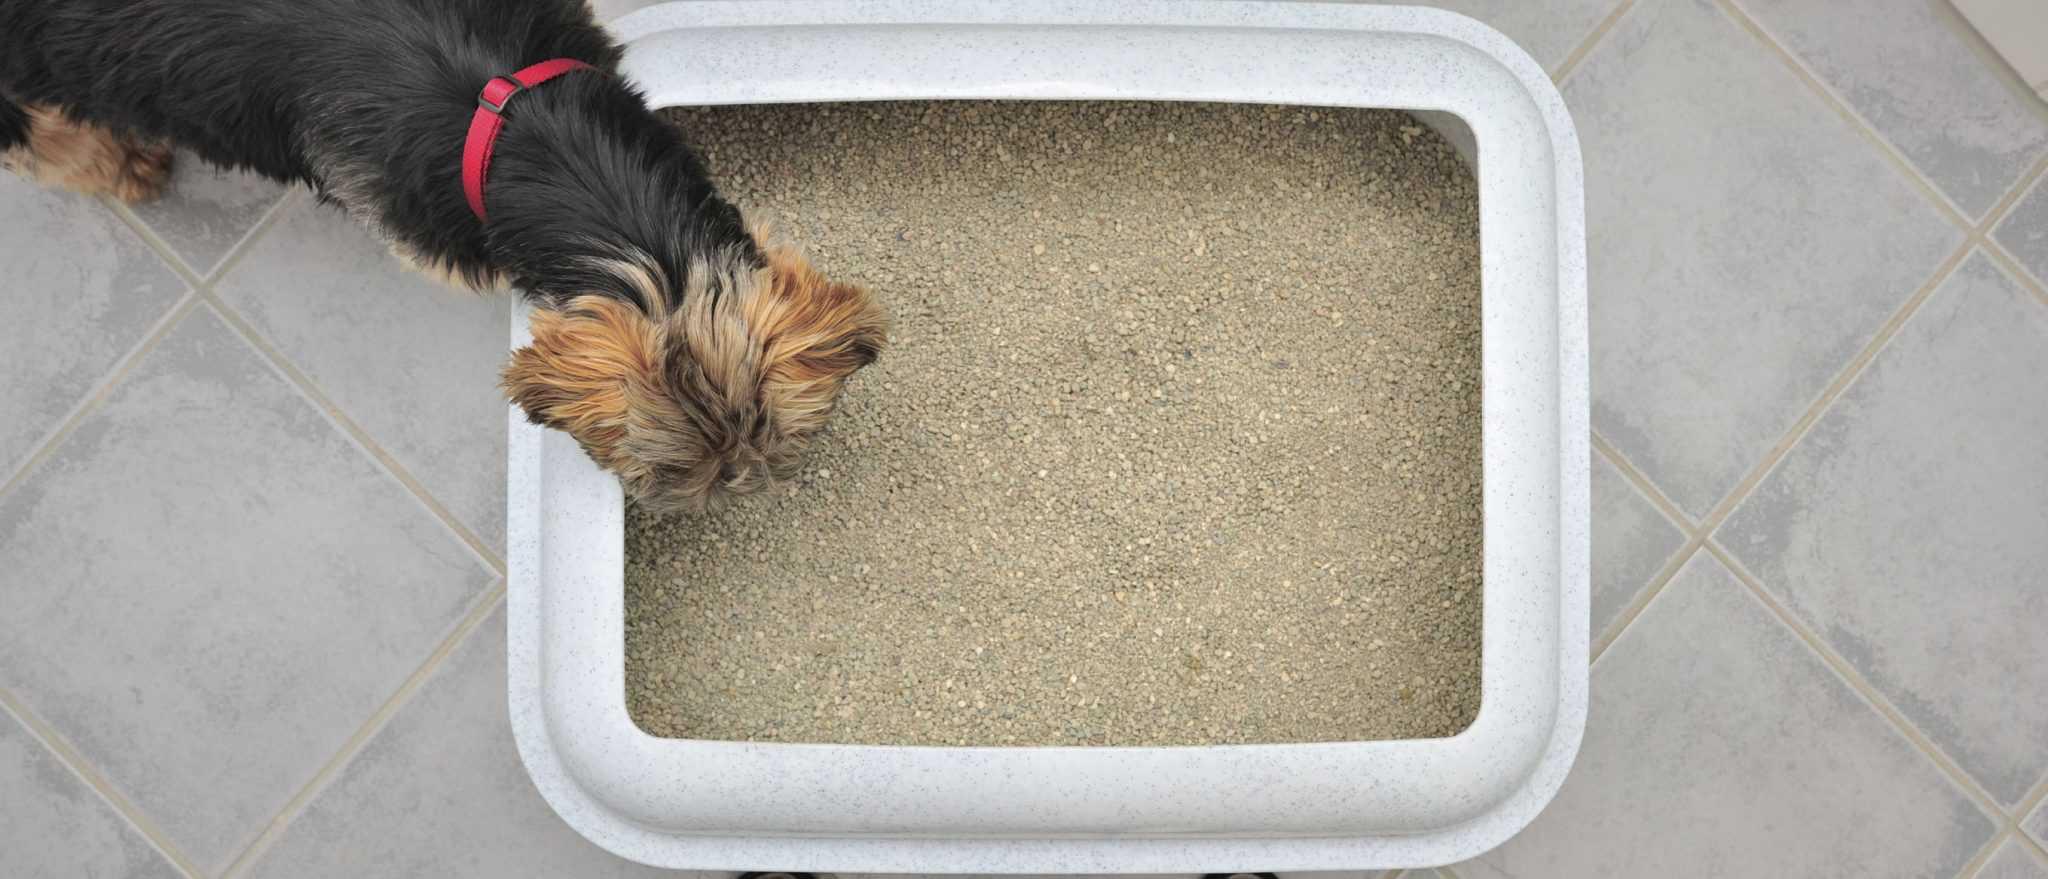 Fullsize Of Why Do Dogs Eat Cat Poop